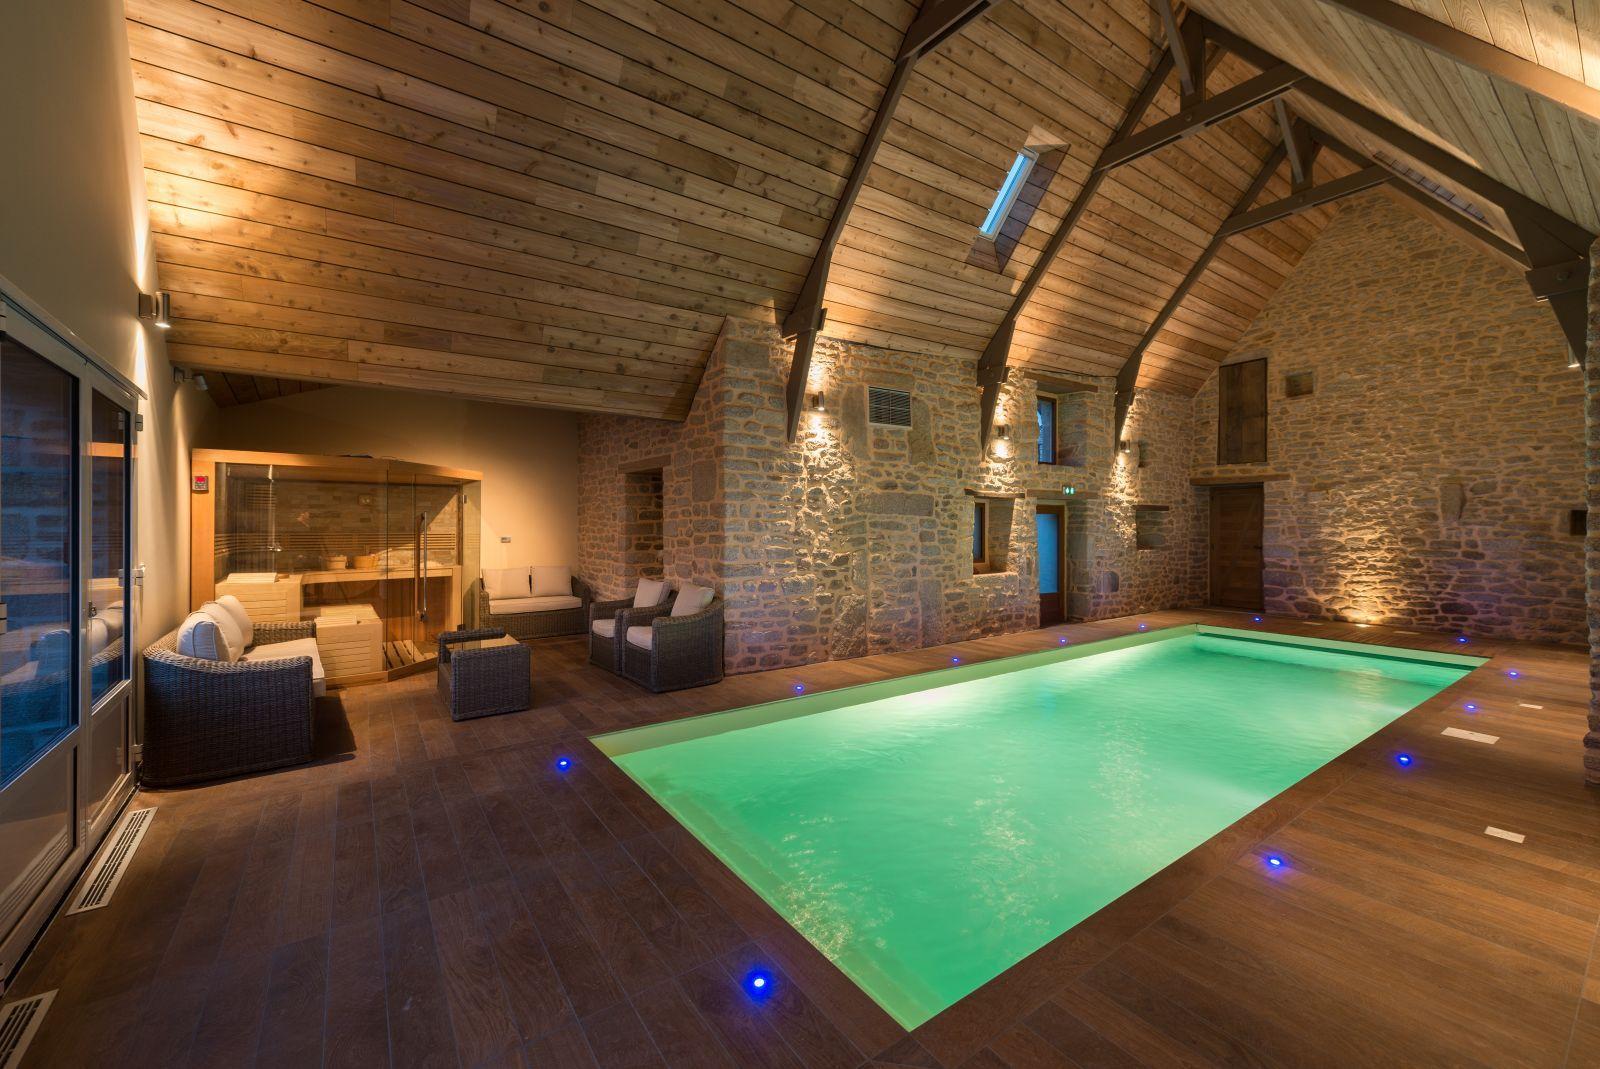 Chambre d'hote avec piscine en Bretagne, Morbihan   Piscine intérieure, Piscine interieure ...